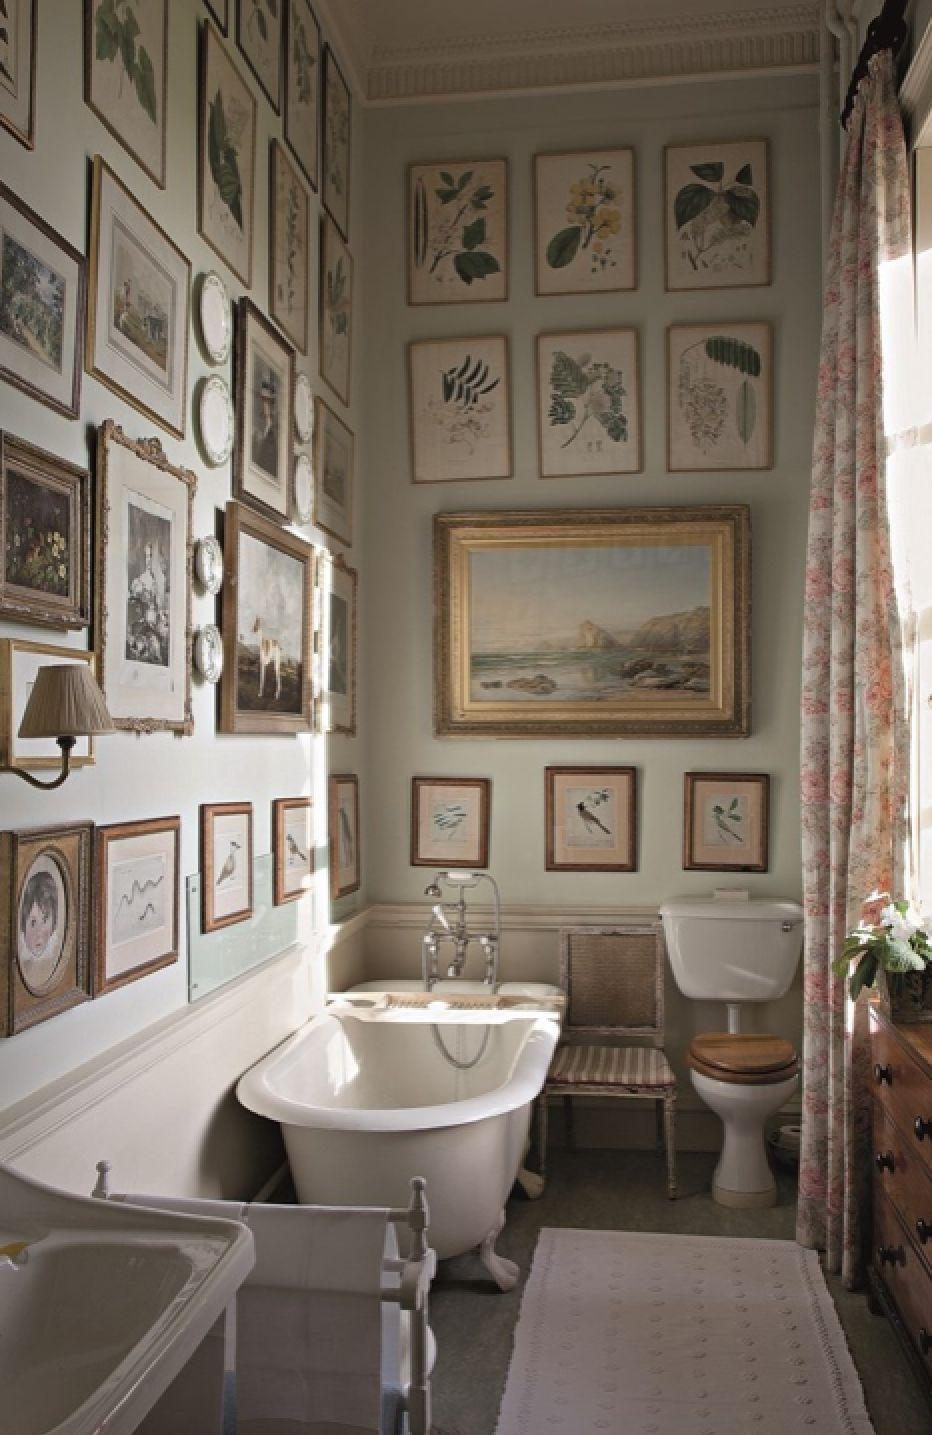 Period Style Bathroom Interior With Antique Bath And Sink Kleines Bad Gestalten Haus Umbau Englische Landhauser